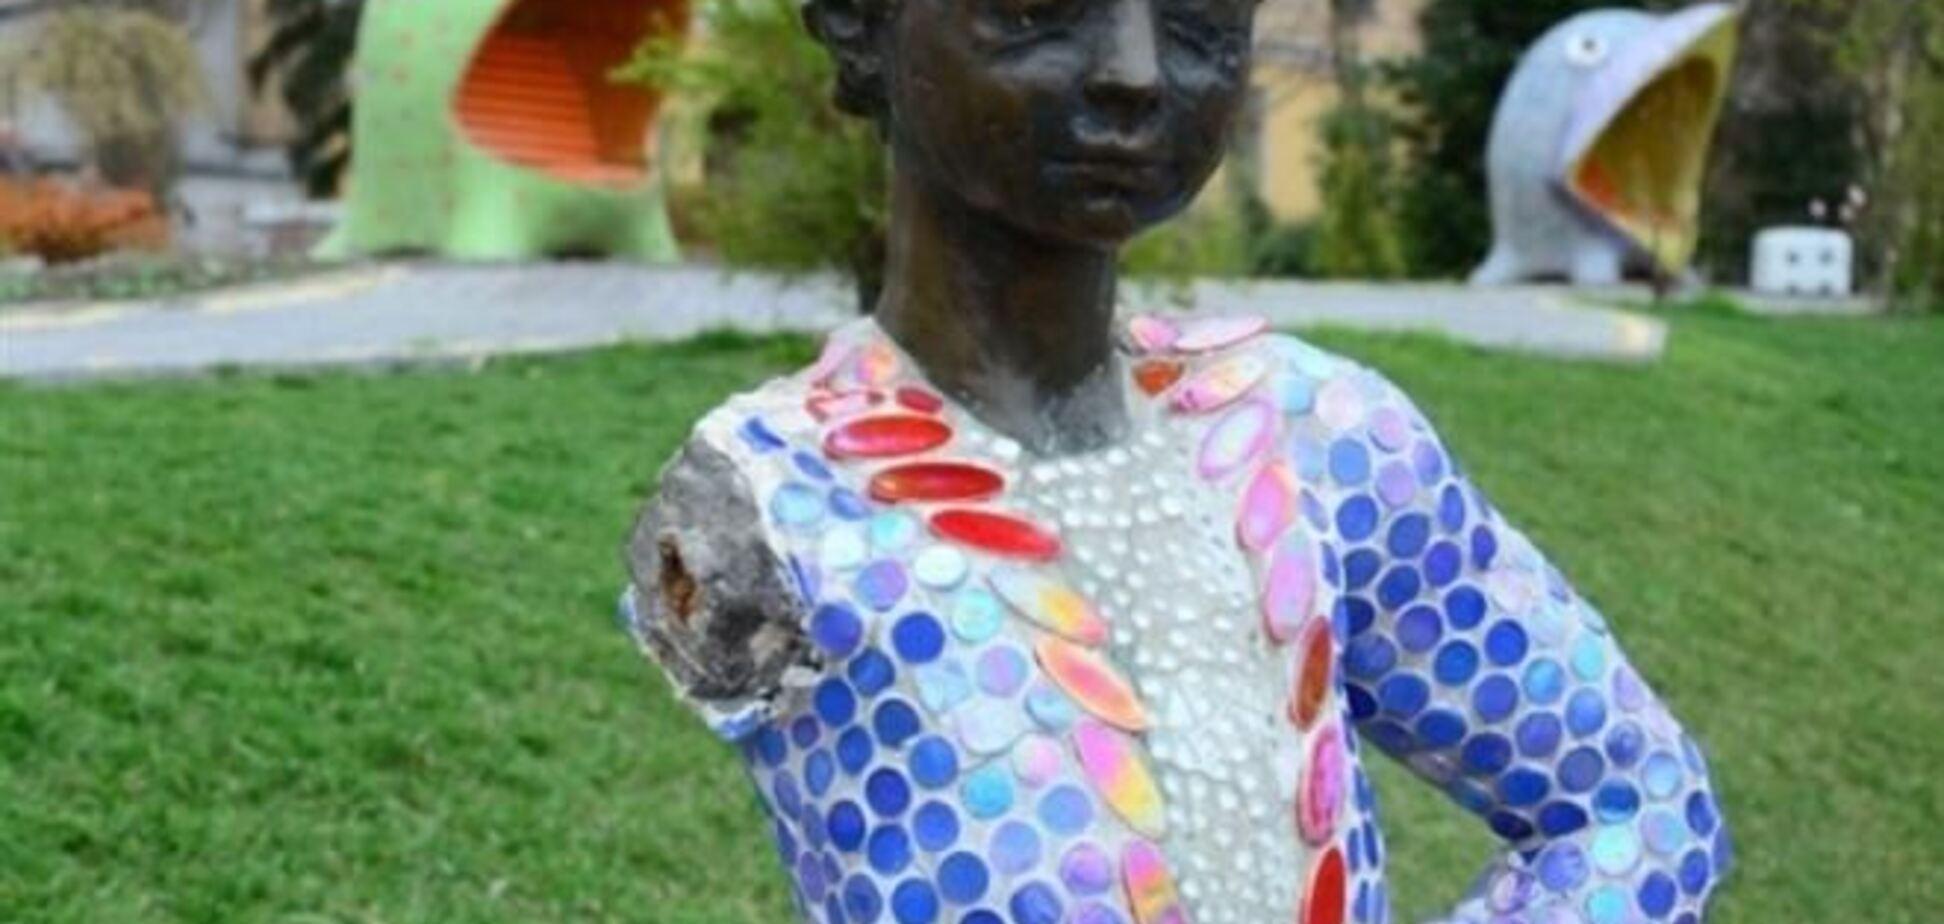 Вандалы отбили руку 'Маленькому принцу' в Киеве